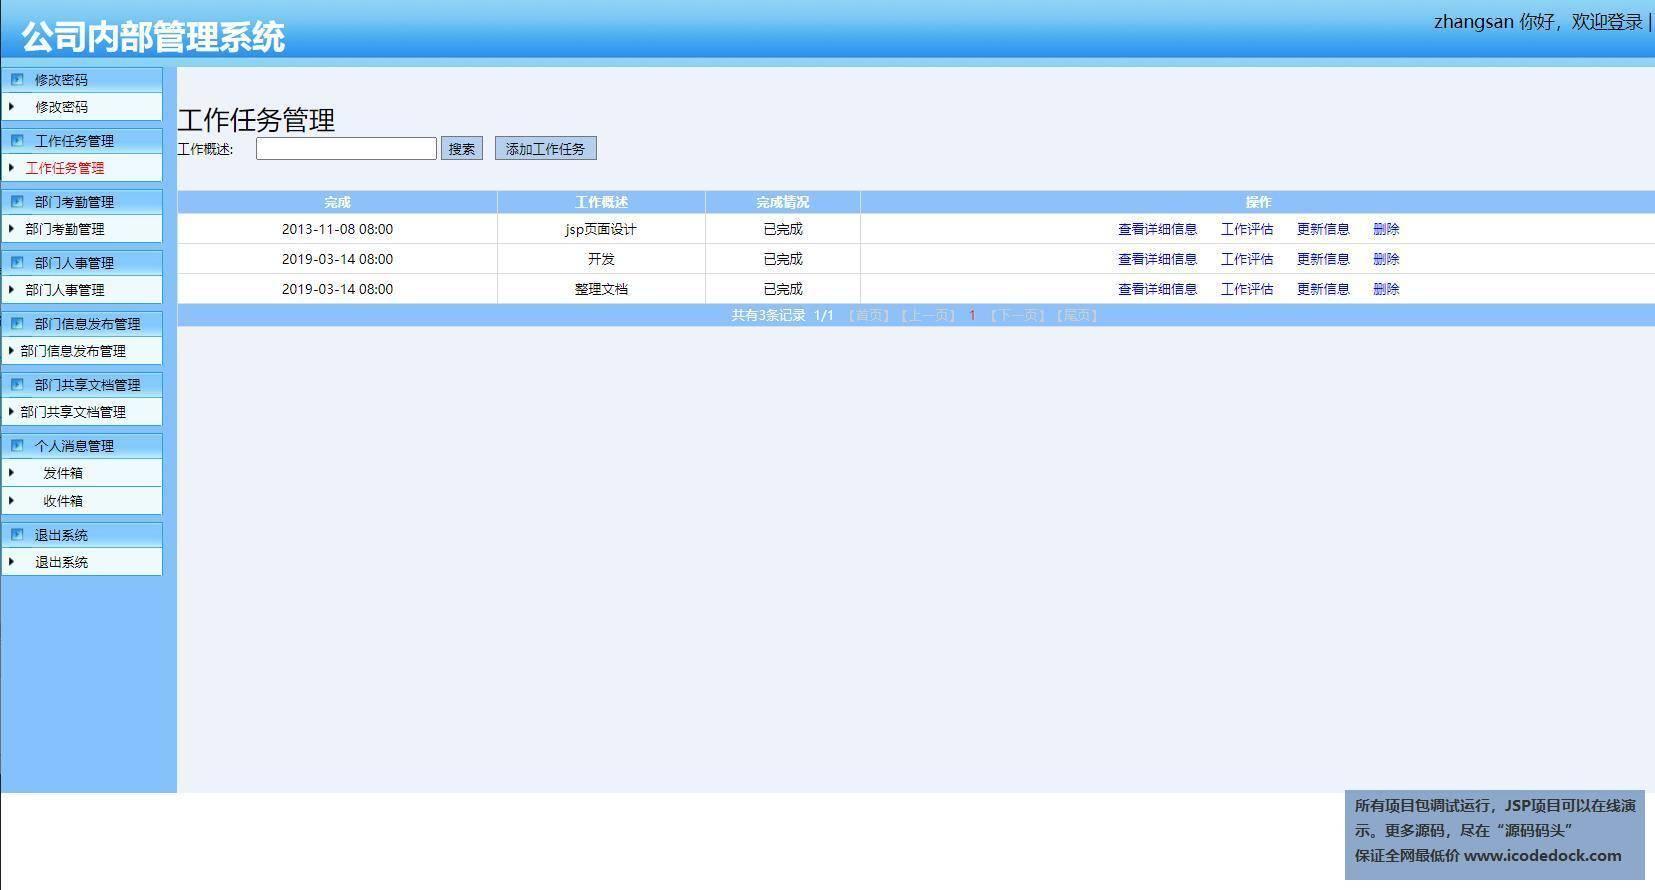 源码码头-SSH公司内部办公自动化管理系统-部门经理角色-工作任务管理